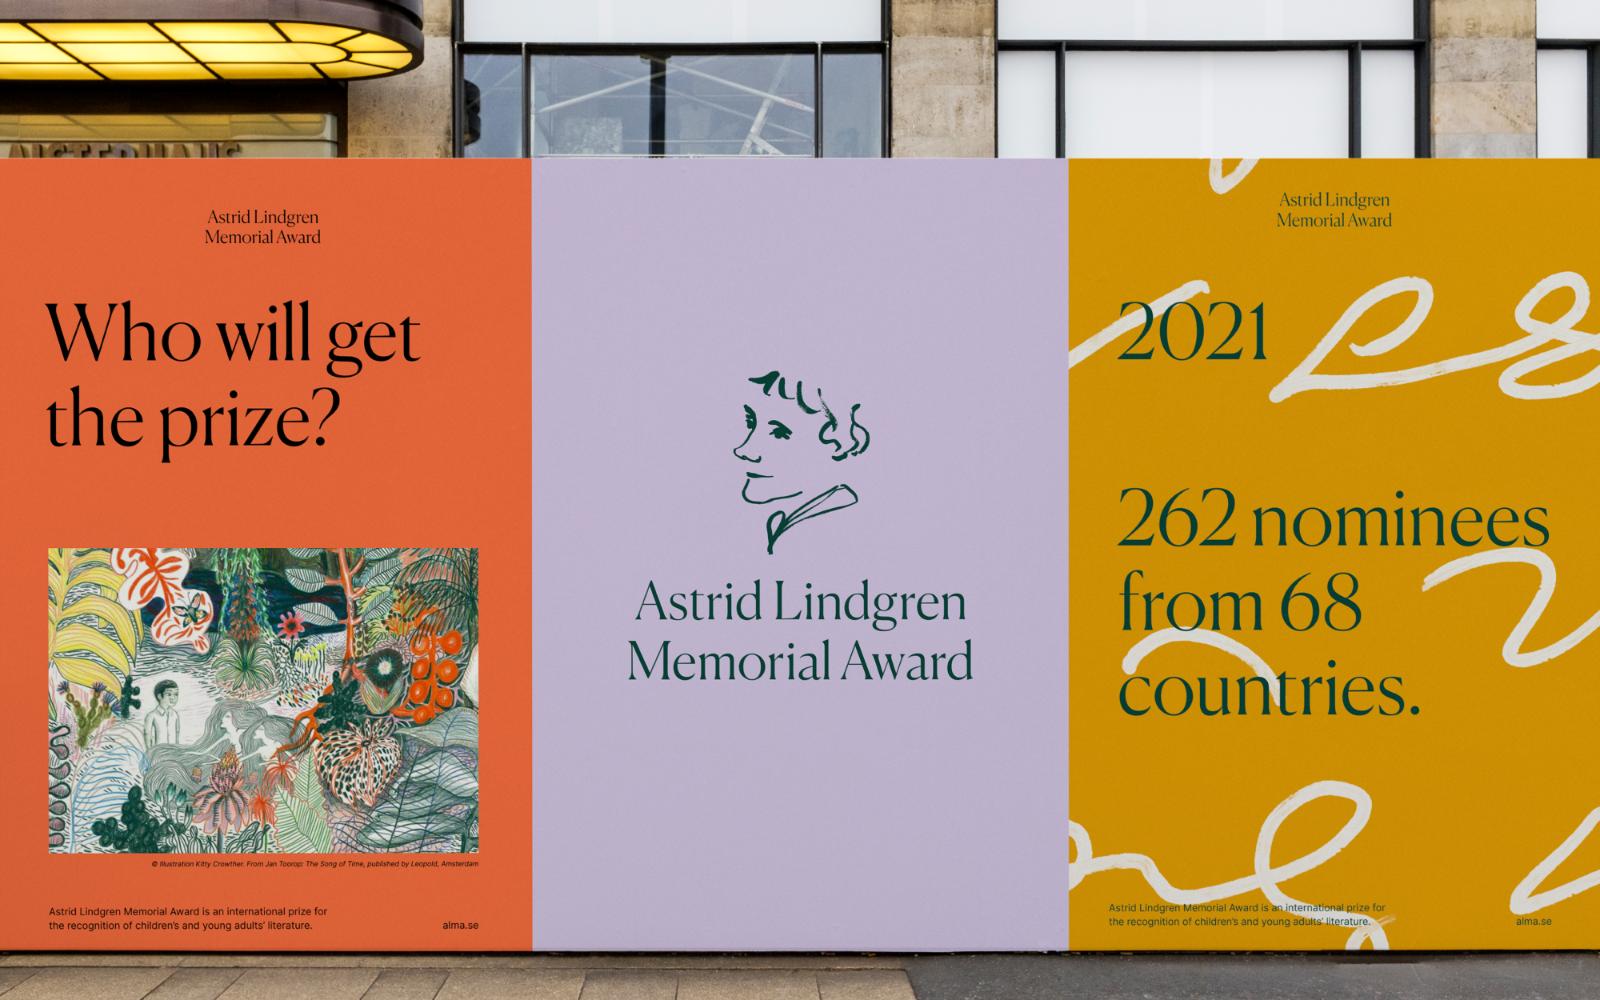 Identiteten utgörs av en logotyp med ordbild, färgpalett, två typsnitt, bildmanér och ett mönster. Mönstret bygger på Astrid Lindgrens stenografi som utgör originalmanuset till boken Karlsson på taket smyger igen. Foto: pressbild, Happy F&B.